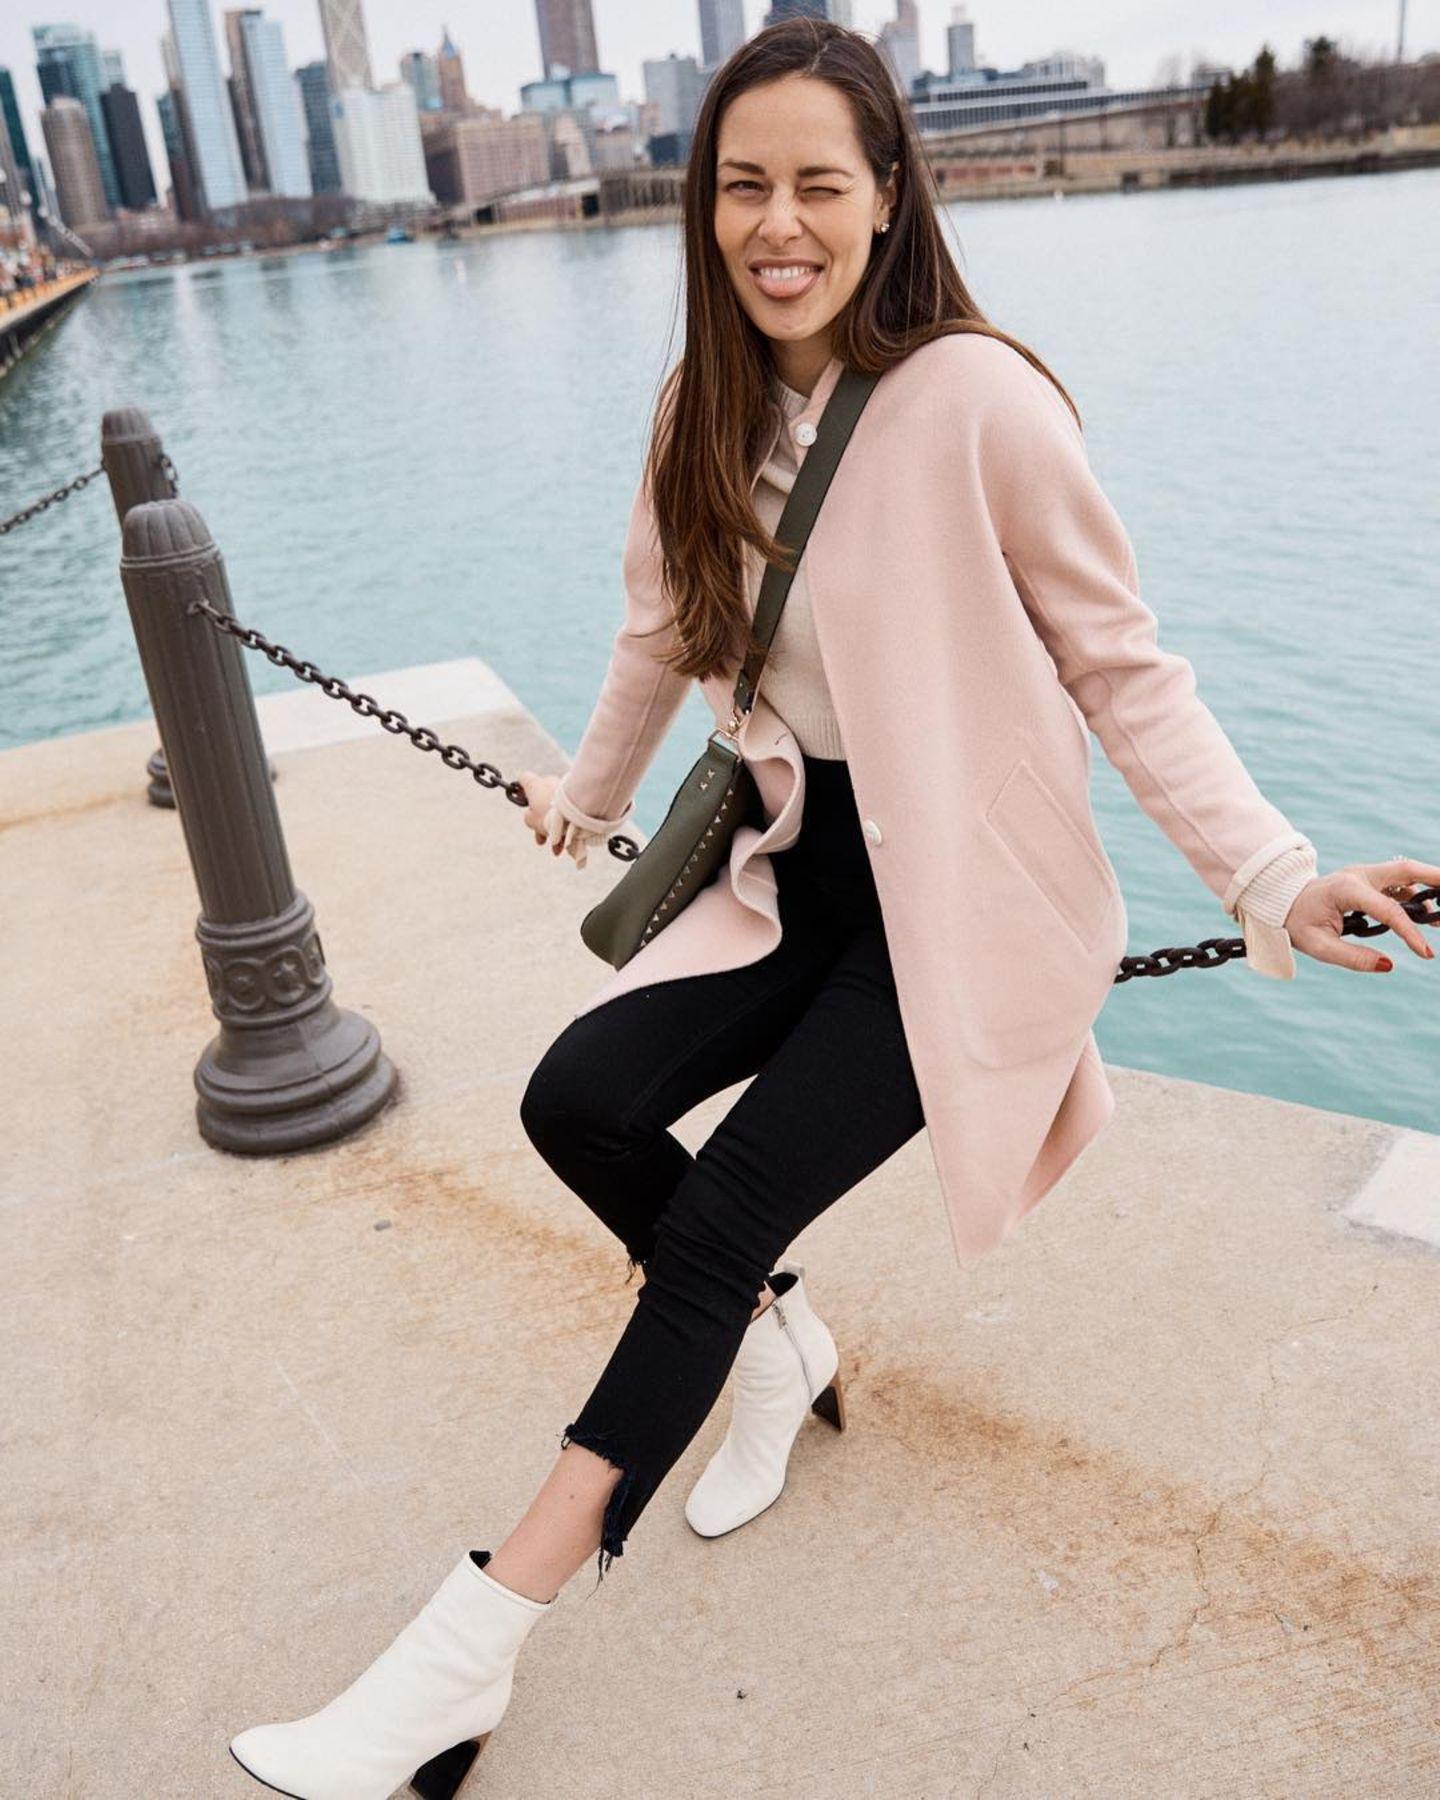 In fröhlichem Zartrosa läutet Ana Ivanovic den Frühling in Chicago ein. Ihr leichter Mantel schützt sie vor den noch kühlen Brisen der Stadt, dazu kombiniert sie eine schwarze Jeans und cremefarbene Stiefeletten. So super gestyltlässt sich die warme Jahreszeit perfekt genießen!